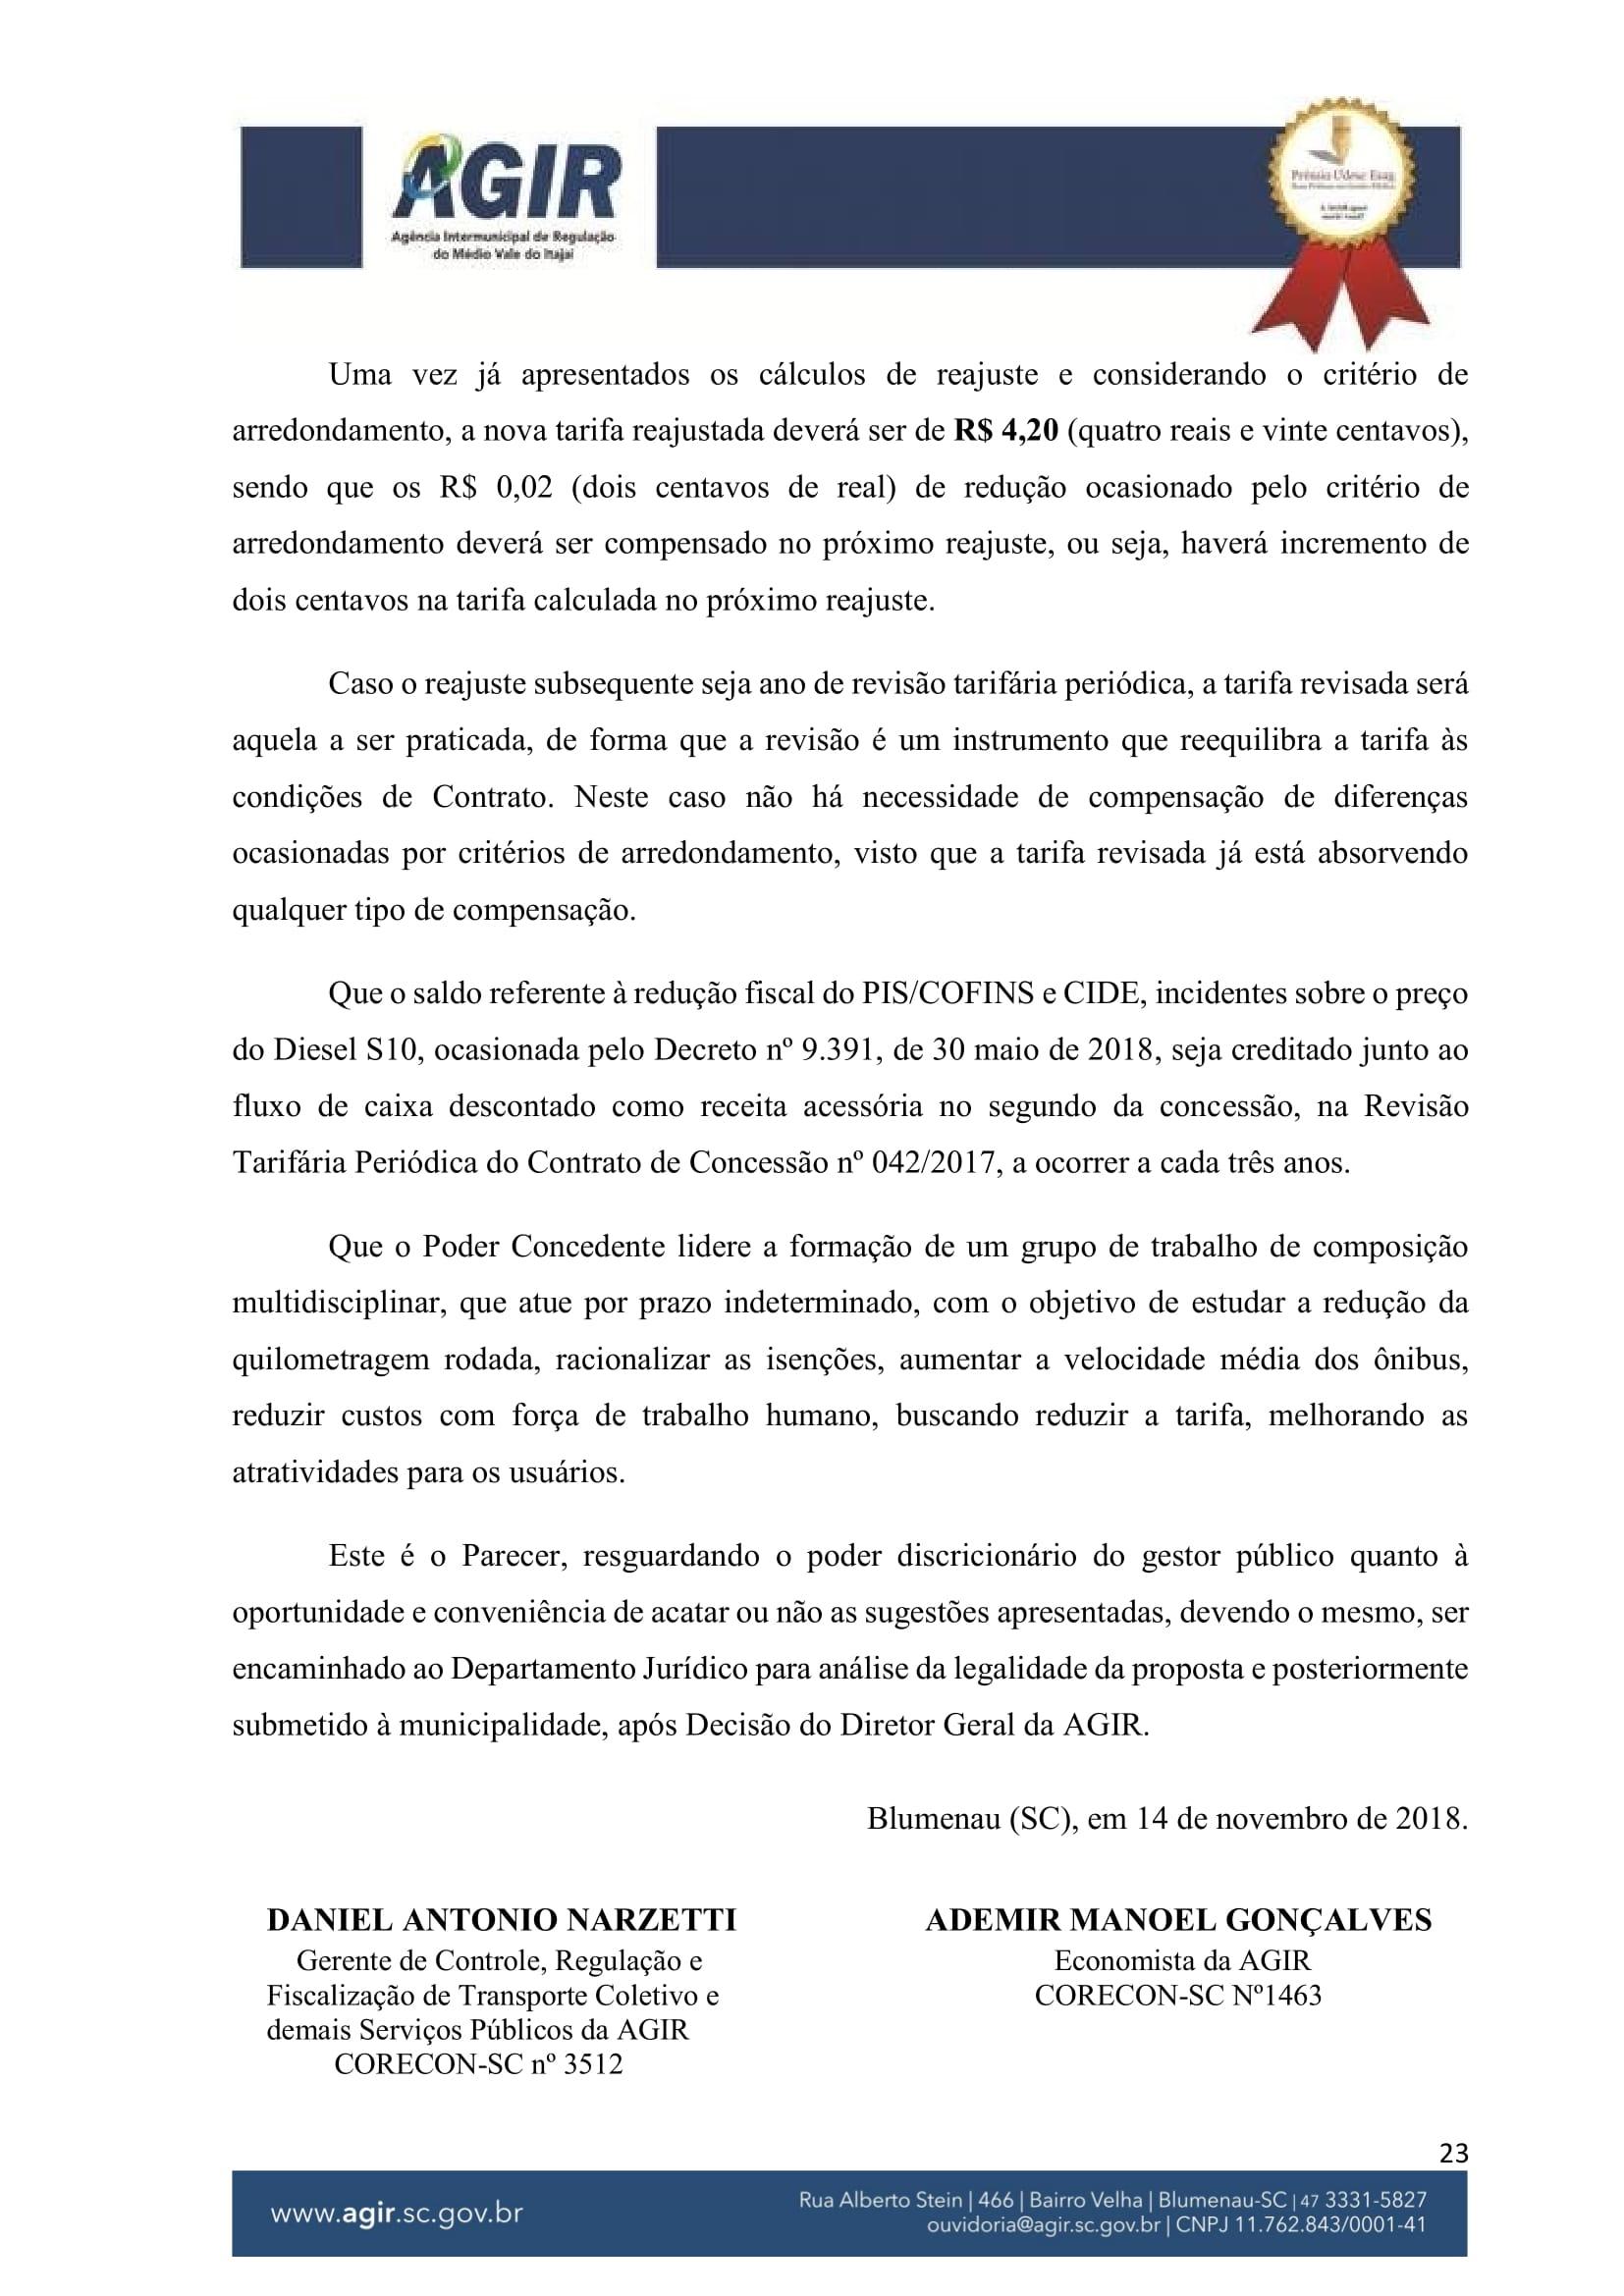 Parecer Administrativo nº 70-2018-23